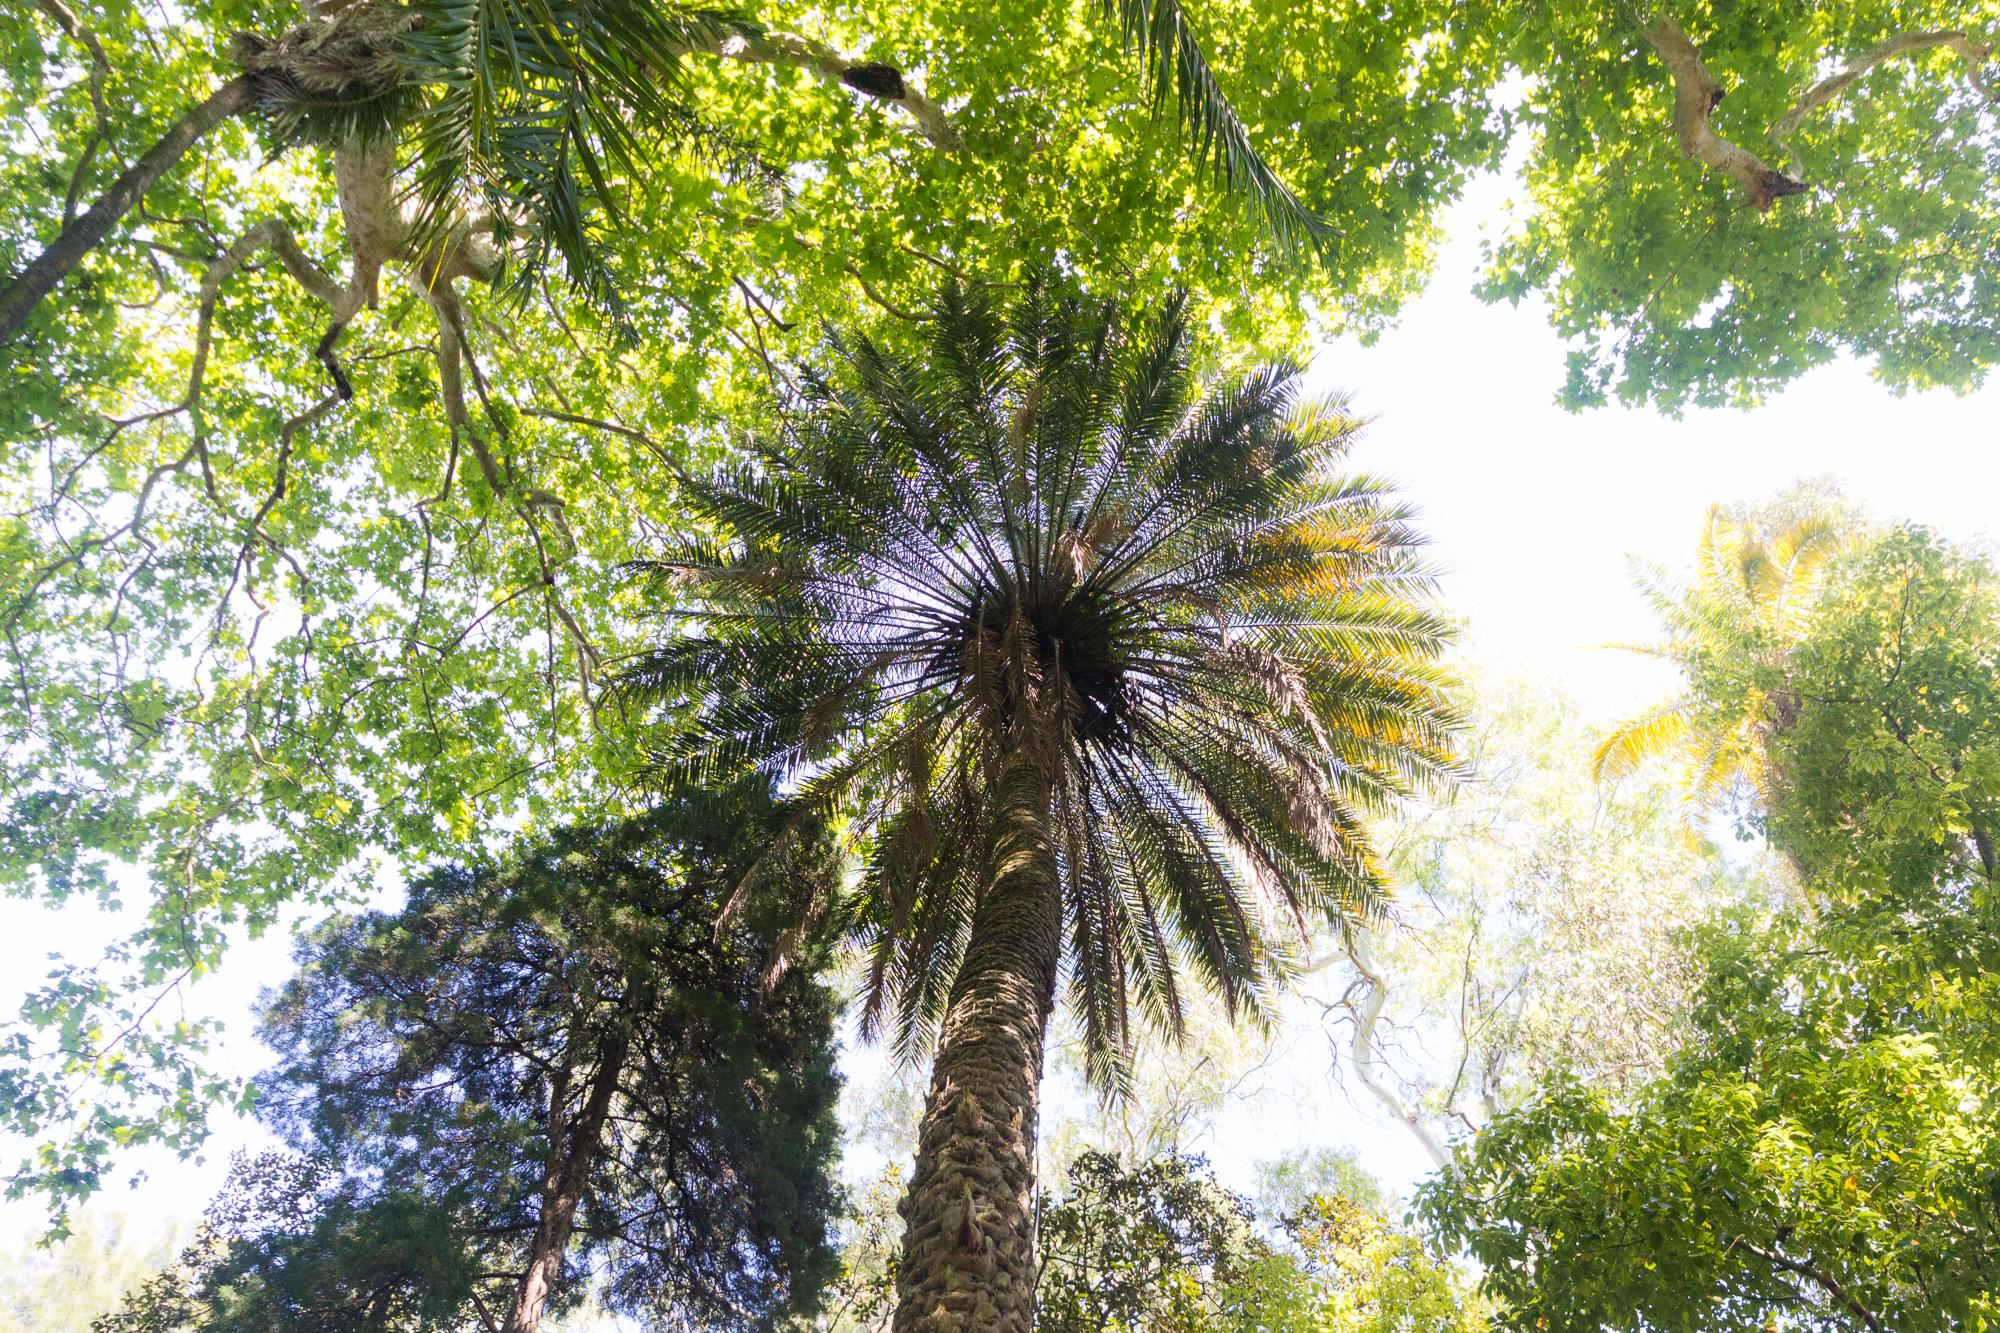 Voûte végétale, jardin botanique de l'université, Lisbonne, Portugal